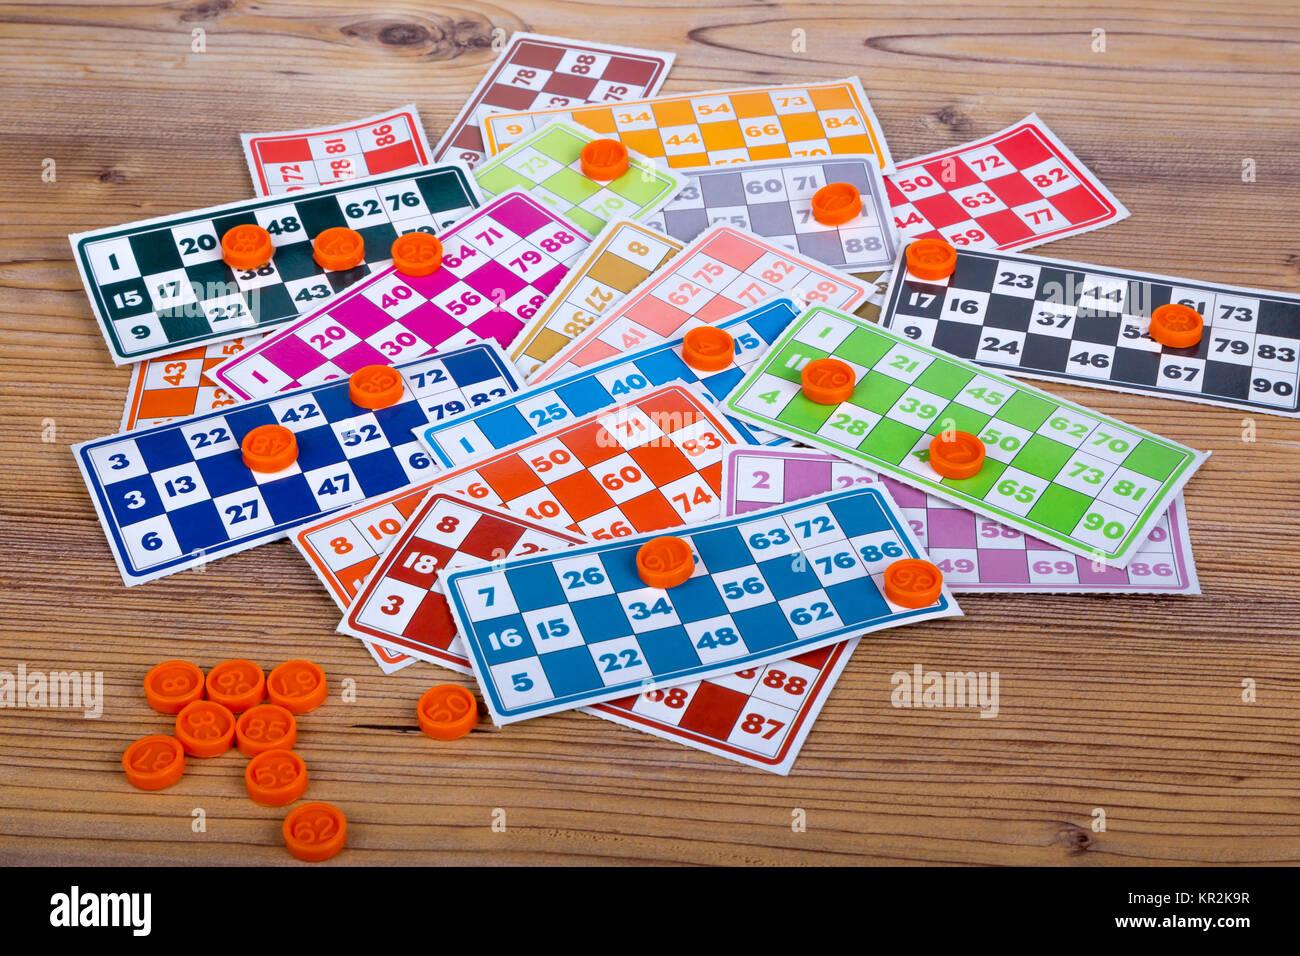 Colorate o lotto bingo gioco carte con i numeri e la plastica lotto di barili, su sfondo di legno. Immagini Stock